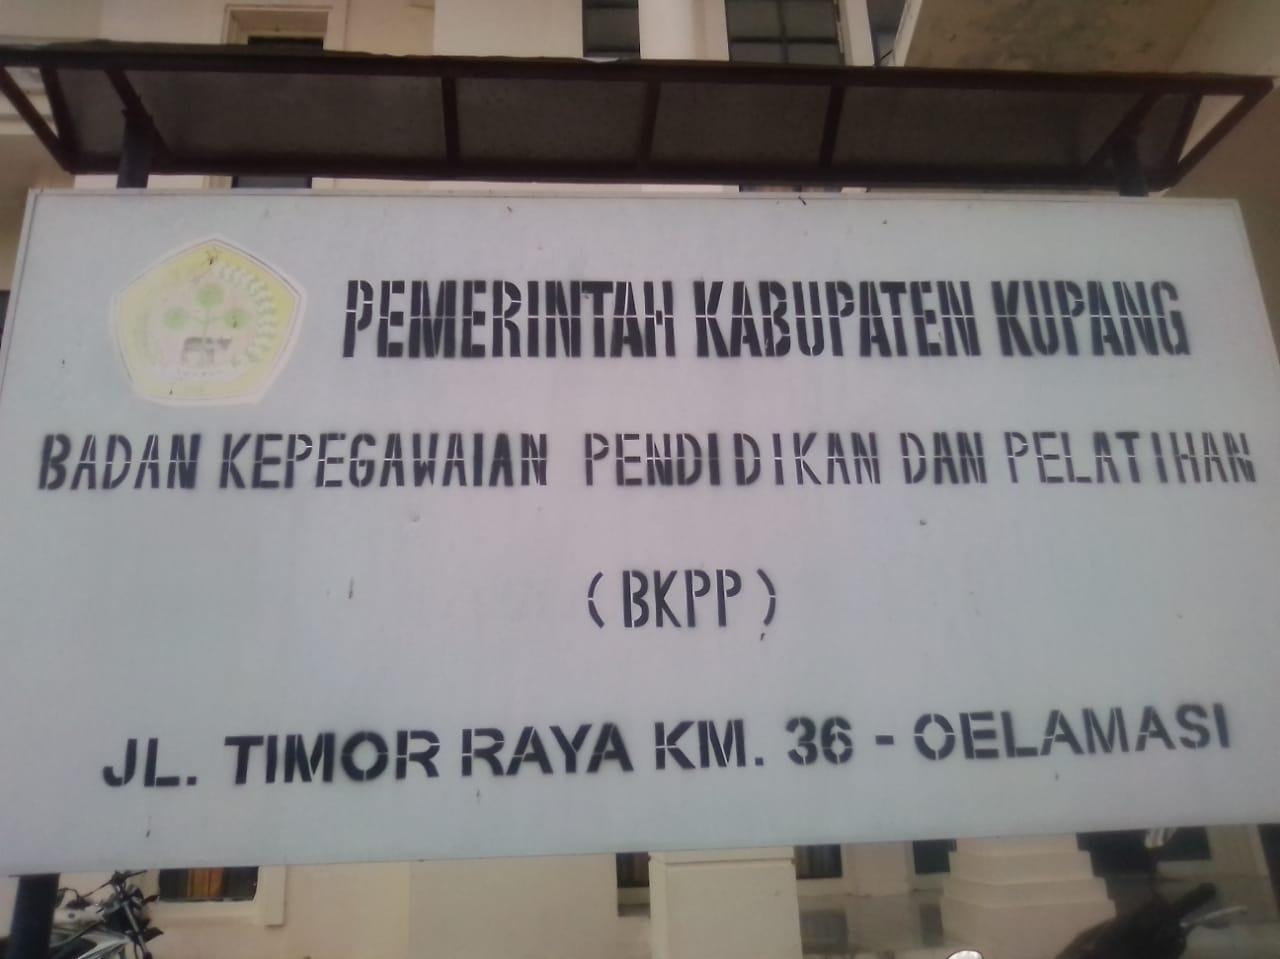 Ujian Seleksi Kompetensi Dasar CPNS Kabupaten Kupang Dimulai Hari Ini Tanggal 6 November 2018